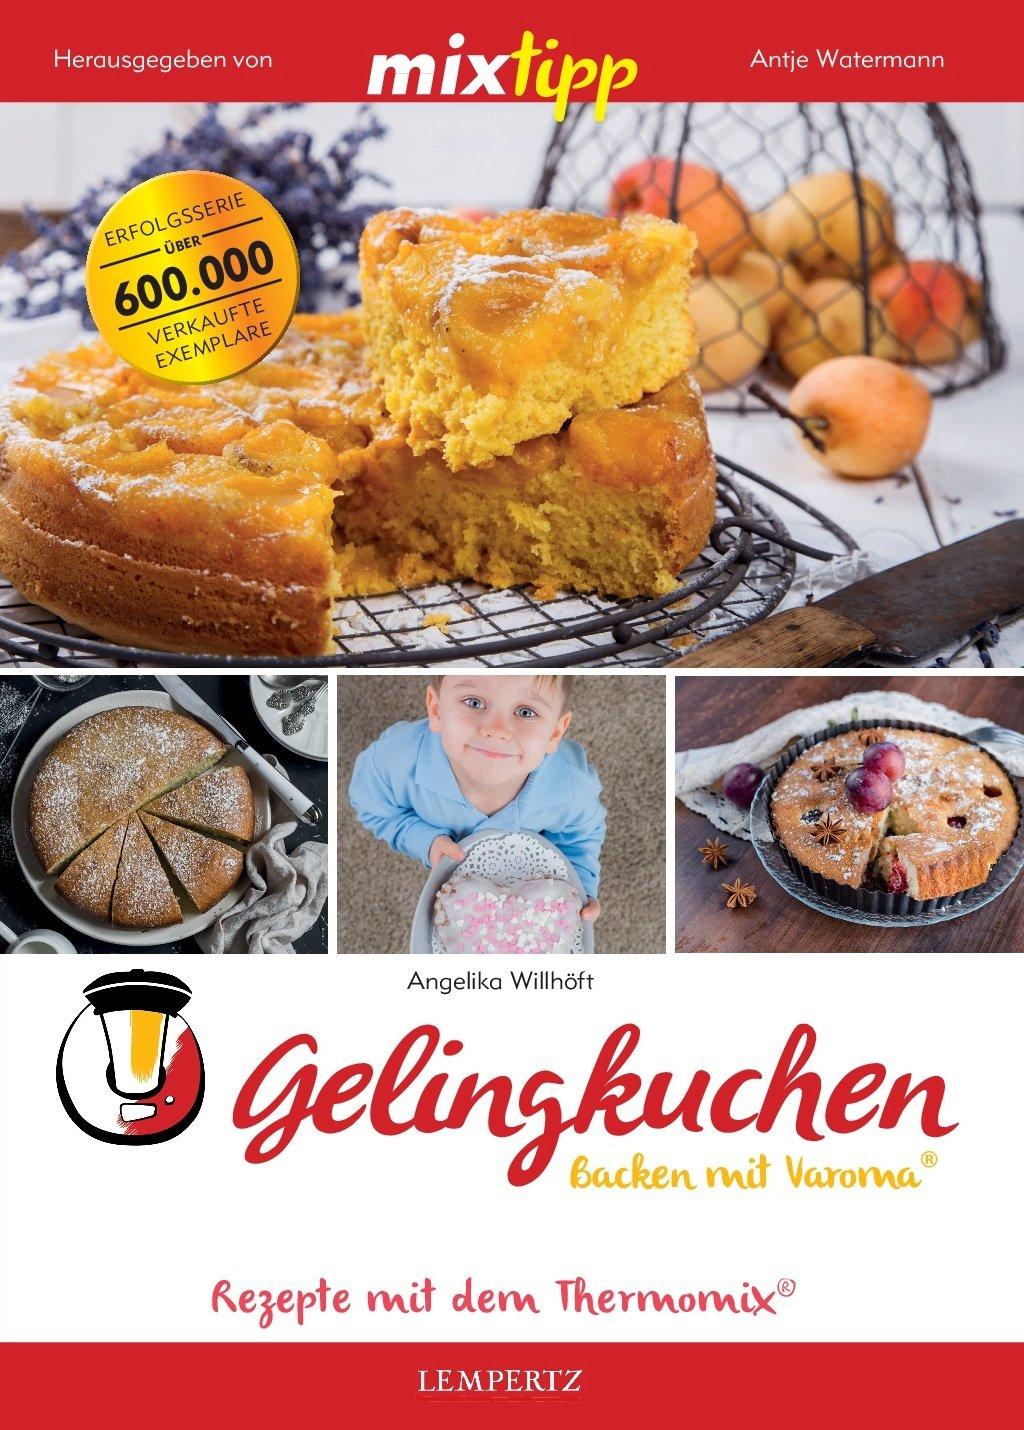 mixtipp: Gelingkuchen – Backen mit Varoma (Kochen mit dem Thermomix)